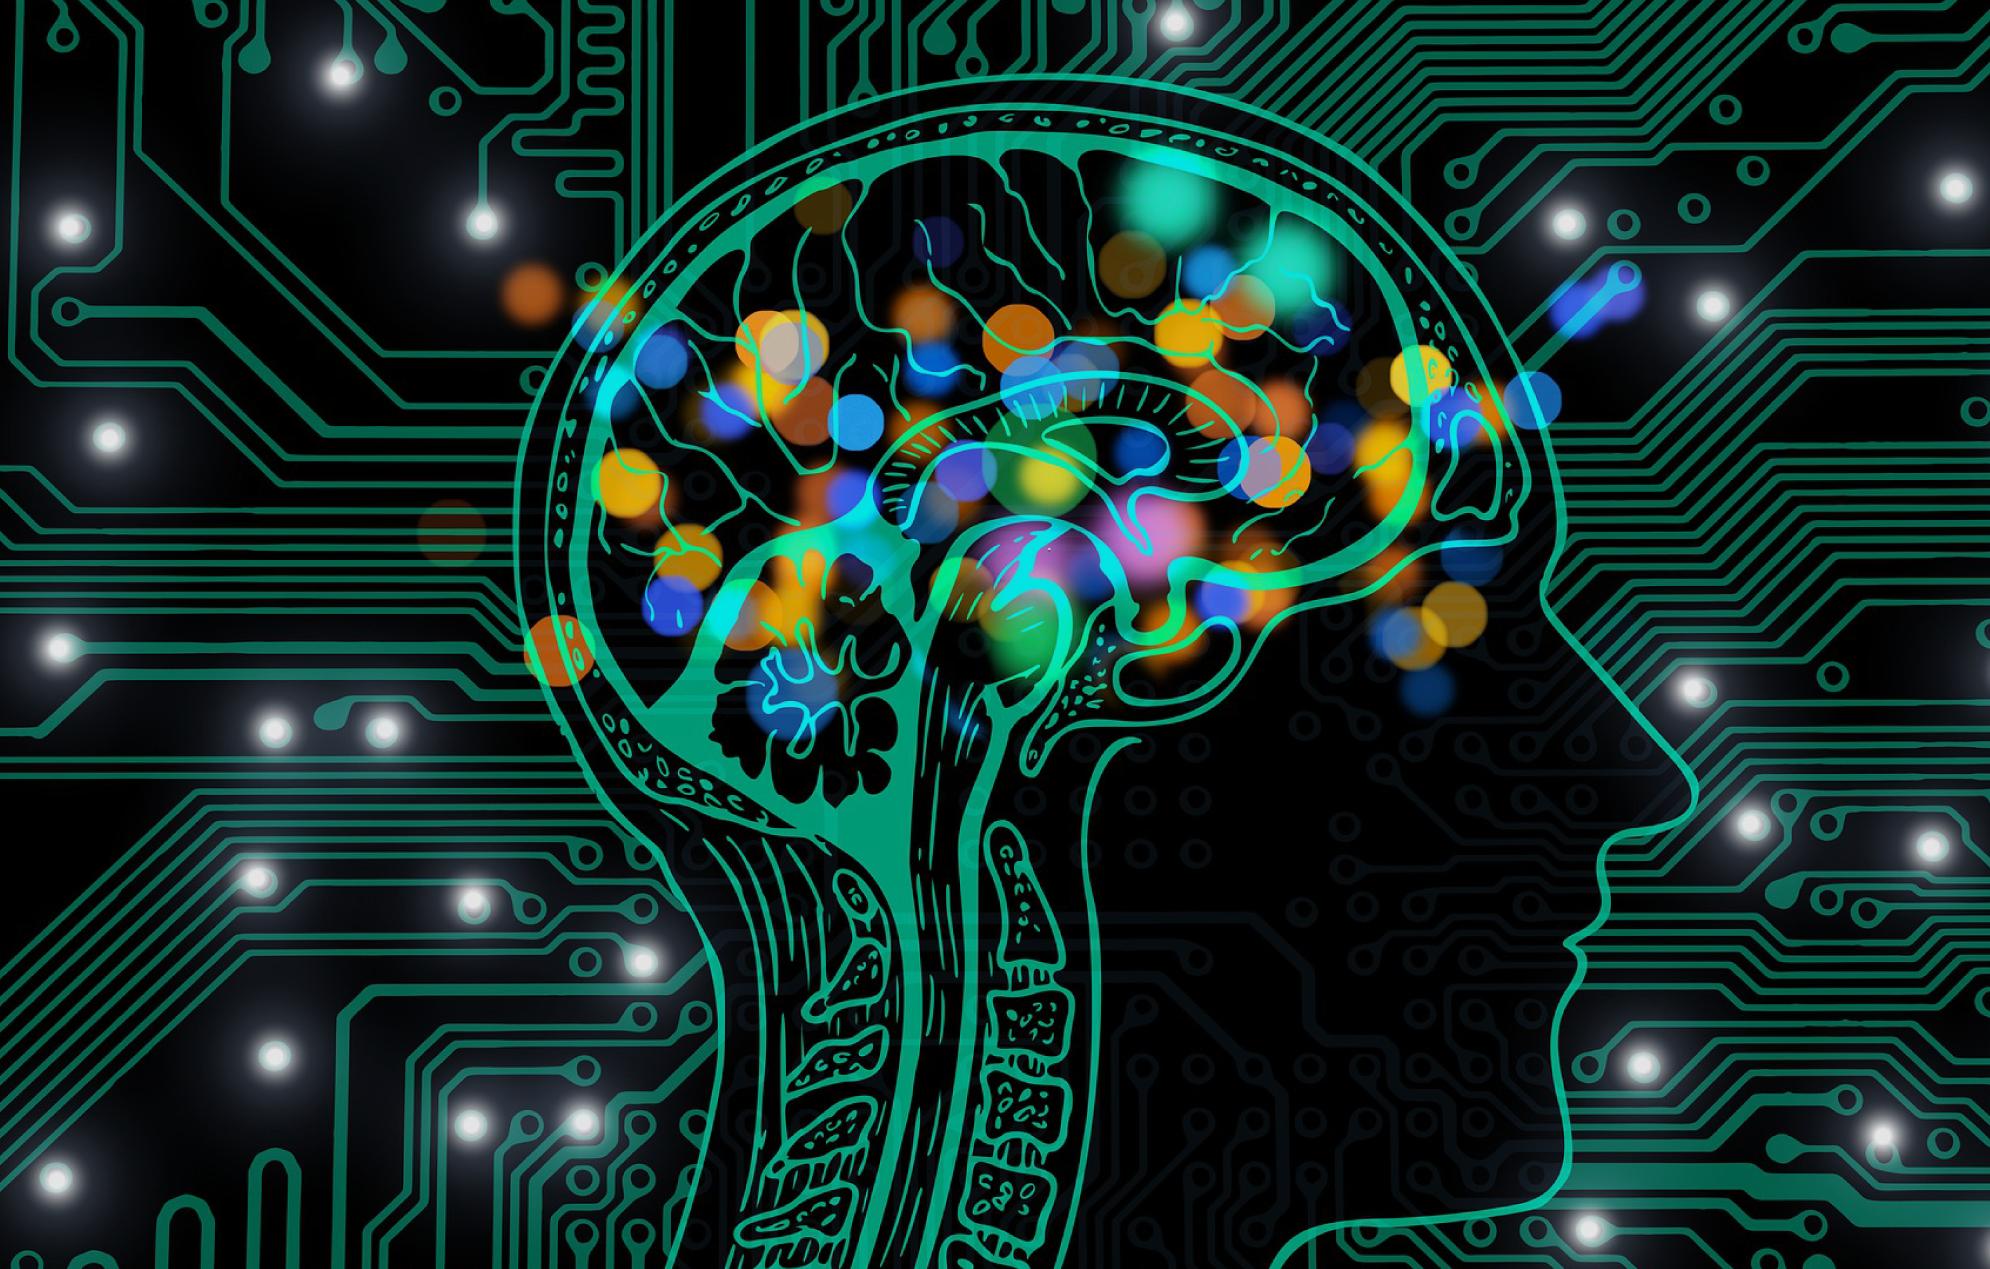 ¿Puede la Neurociencia ayudar a la salud mental?